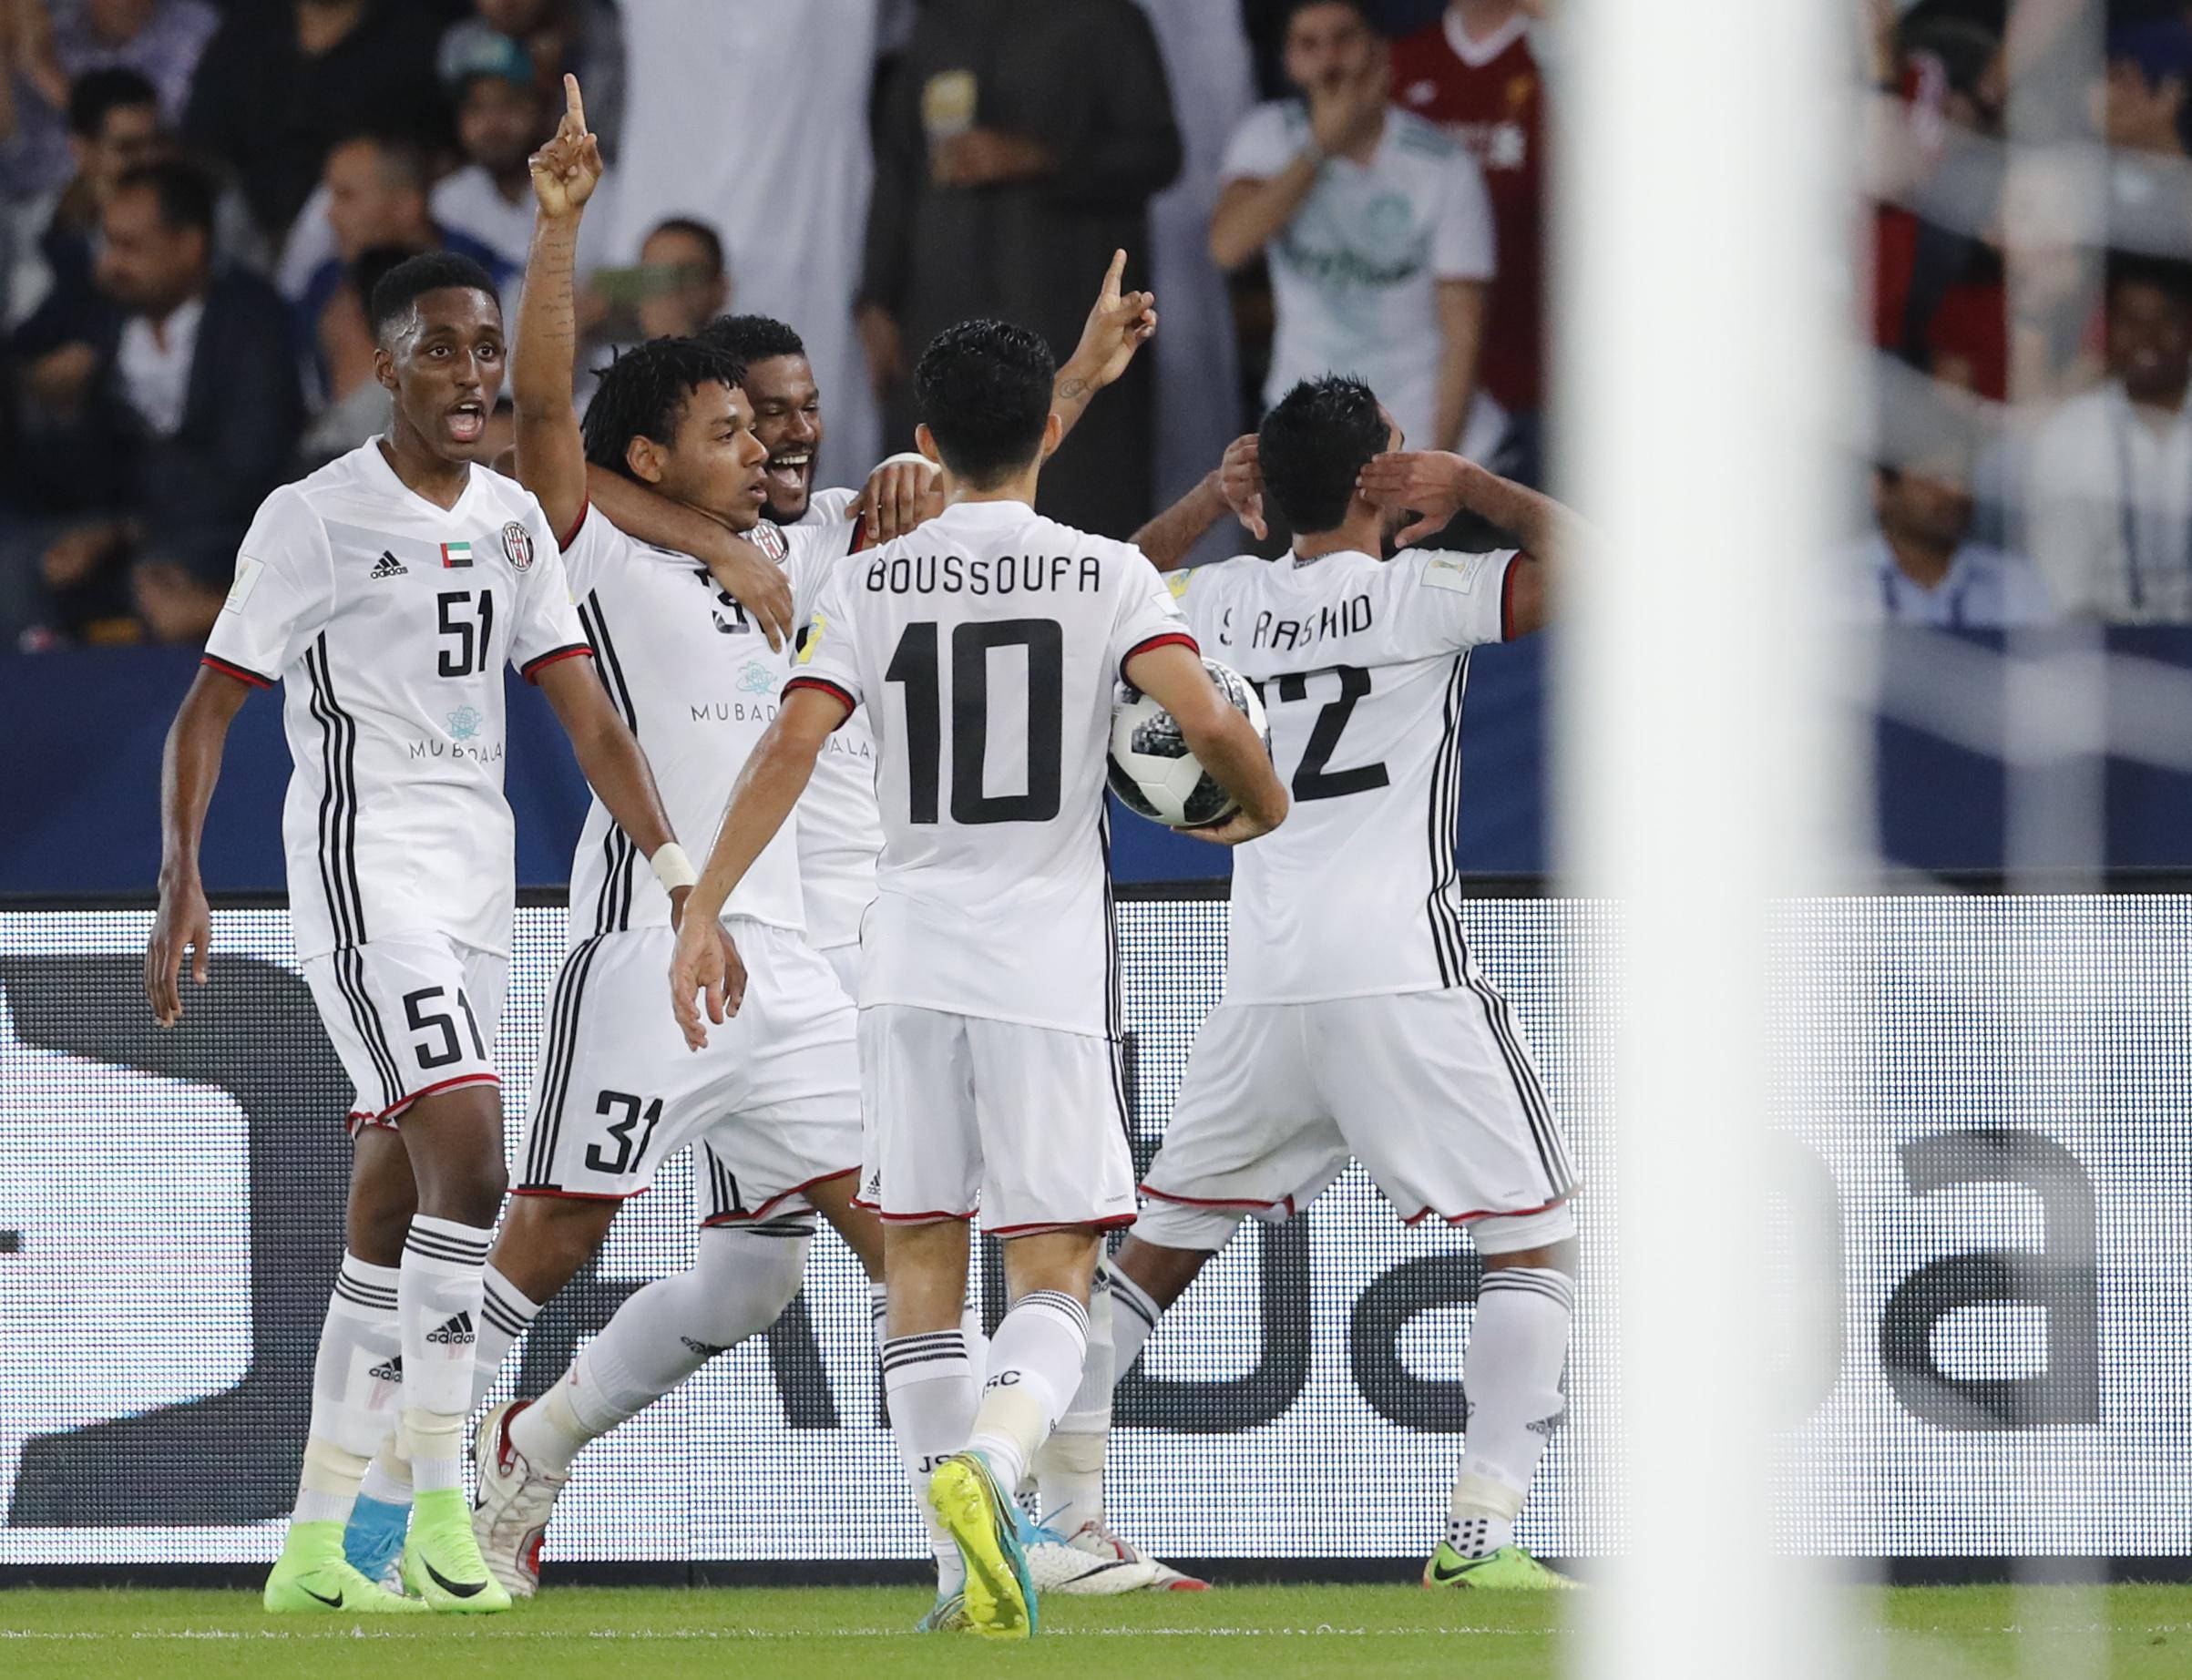 O improvável aconteceu na segunda semifinal do Mundial de Clubes entre  Al-Jazira e Real Madrid. Enquanto na defesa o goleiro Ali Khasseif segurou  Cristiano ... e799f4702d1a0